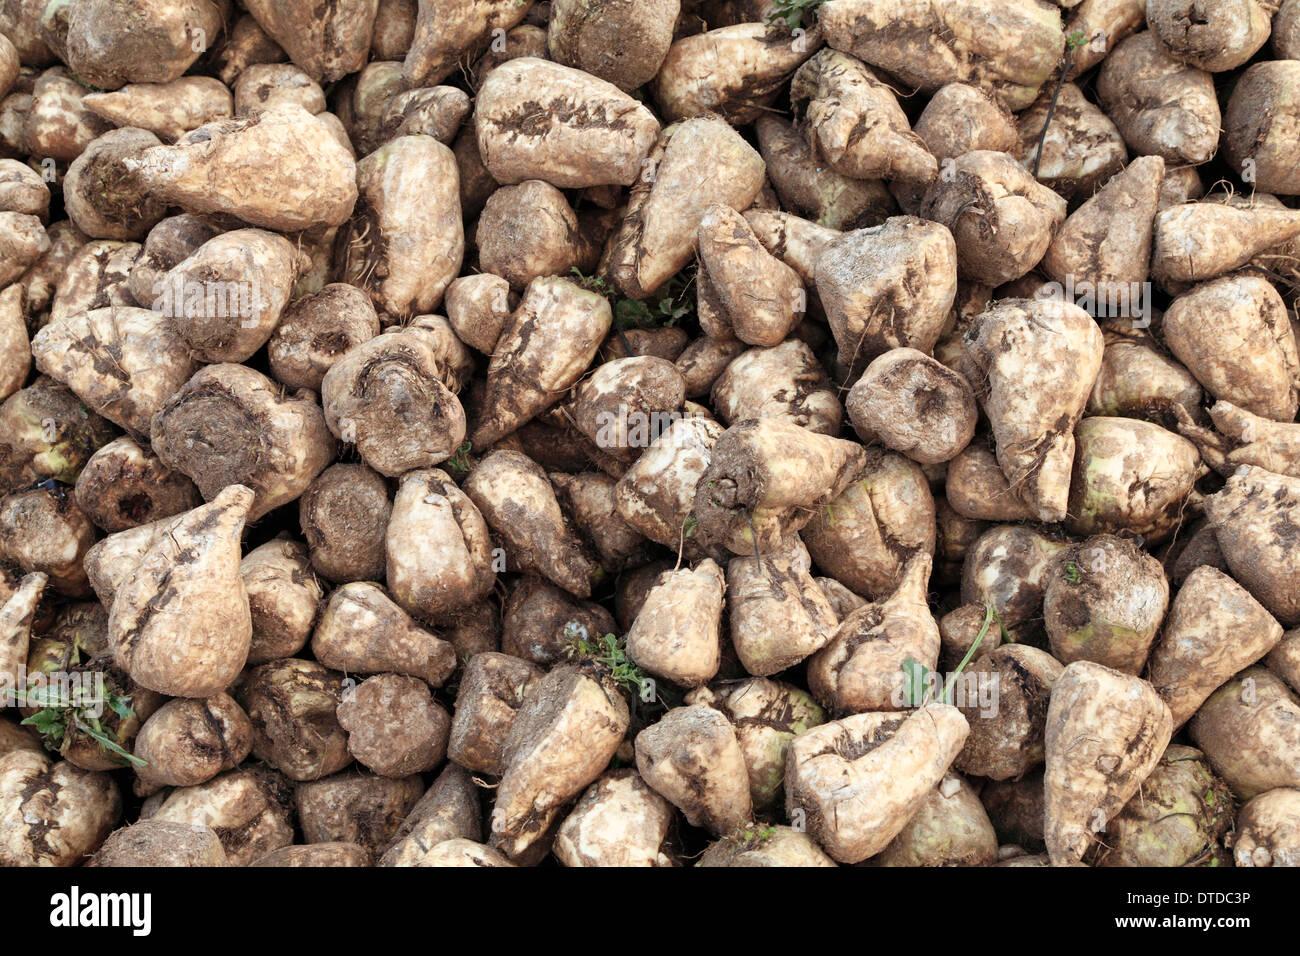 La barbabietola da zucchero, raccolte, Norfolk, Inghilterra raccolto di barbabietole da zucchero agricoltura Immagini Stock